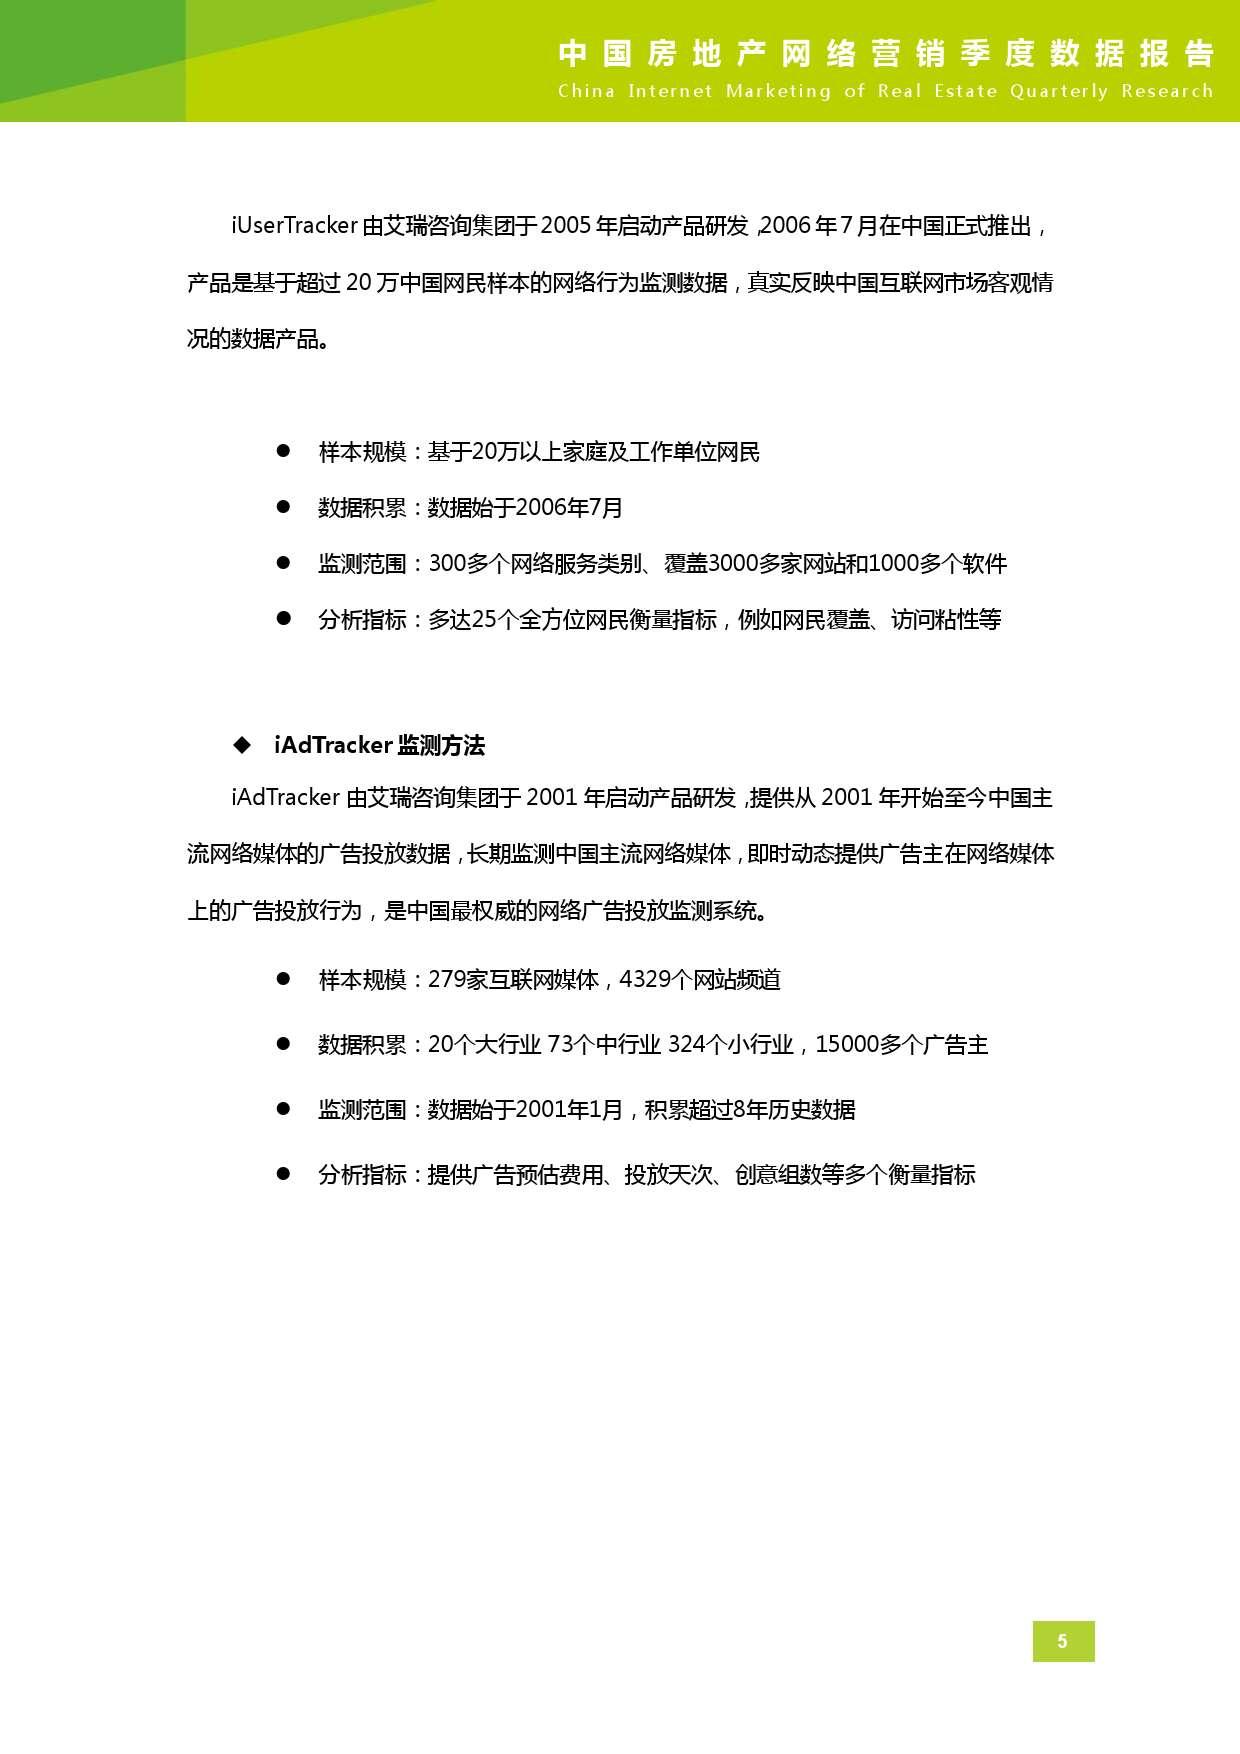 2015年Q3中国房地产网络营销季度数据报告_000006